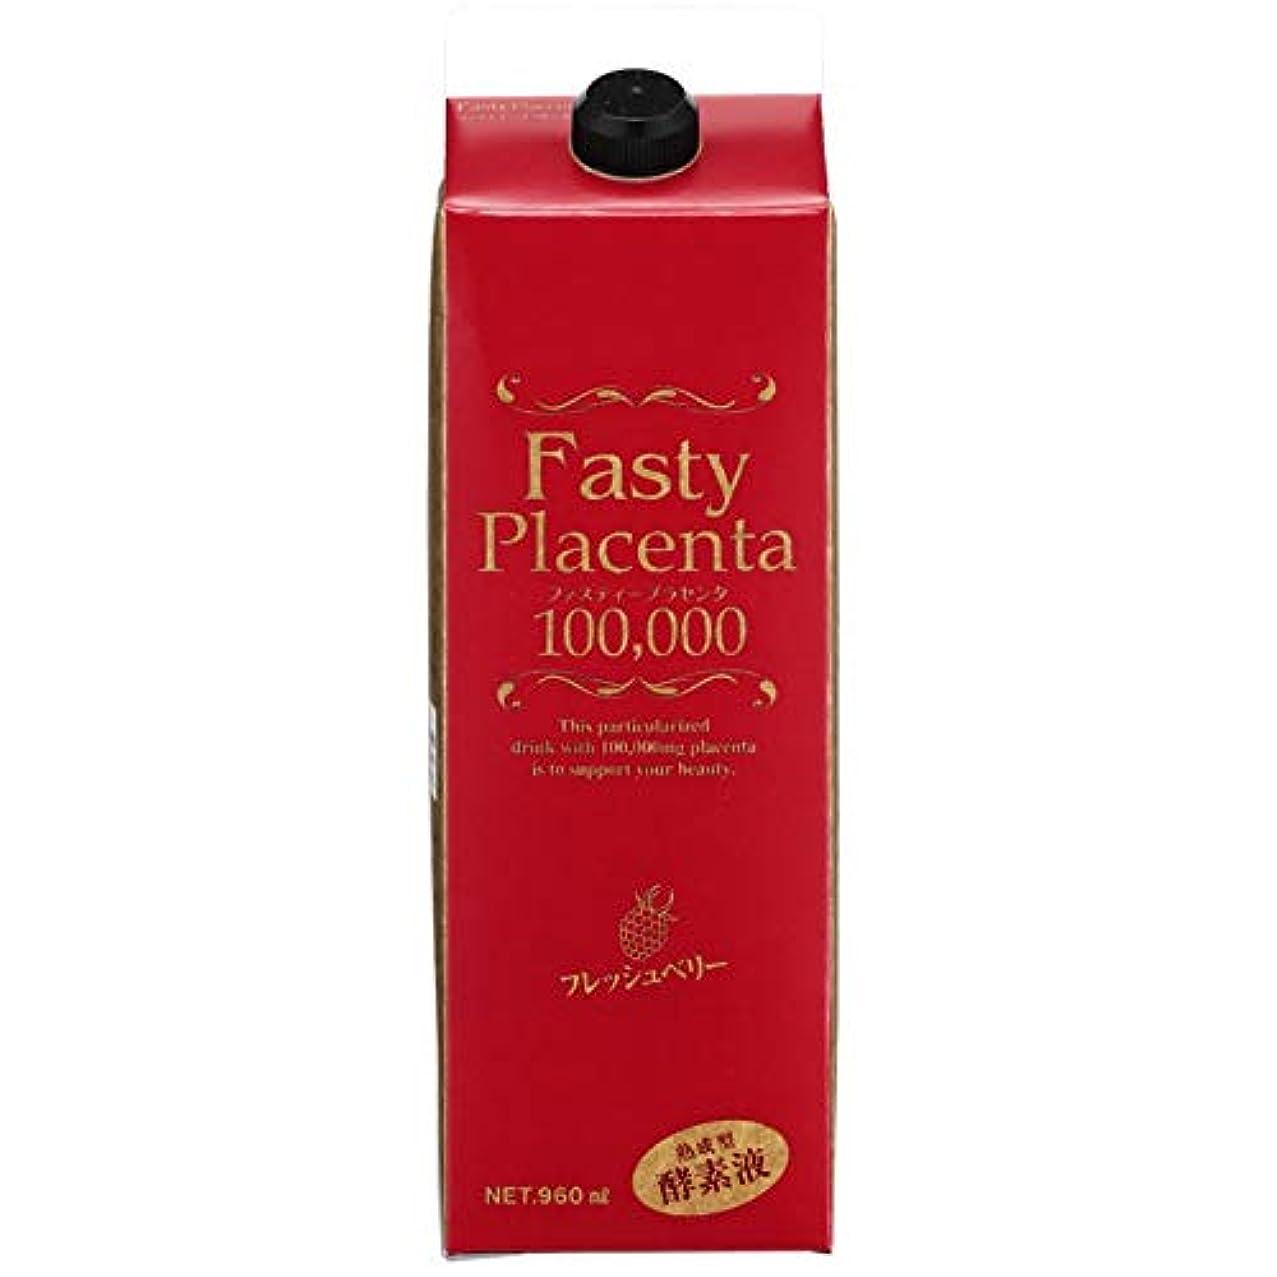 ズーム話す言語学ファスティープラセンタ100,000 増量パック(フレッシュベリー味)1個